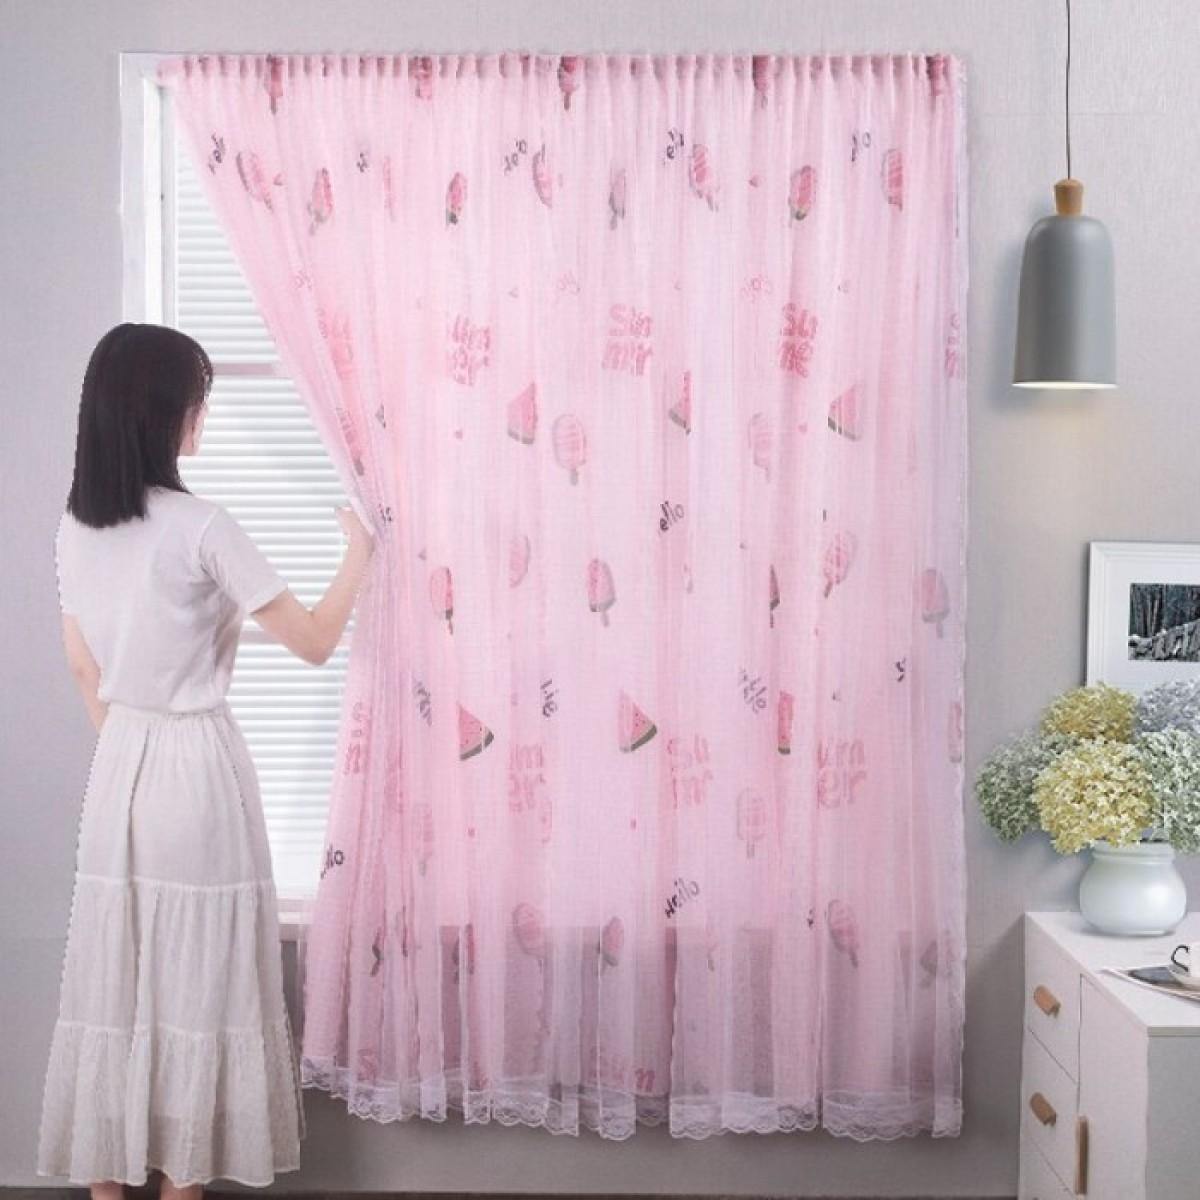 Gorden Magic Velcro Tirai hordeng pasang - Bunda Ina Shop